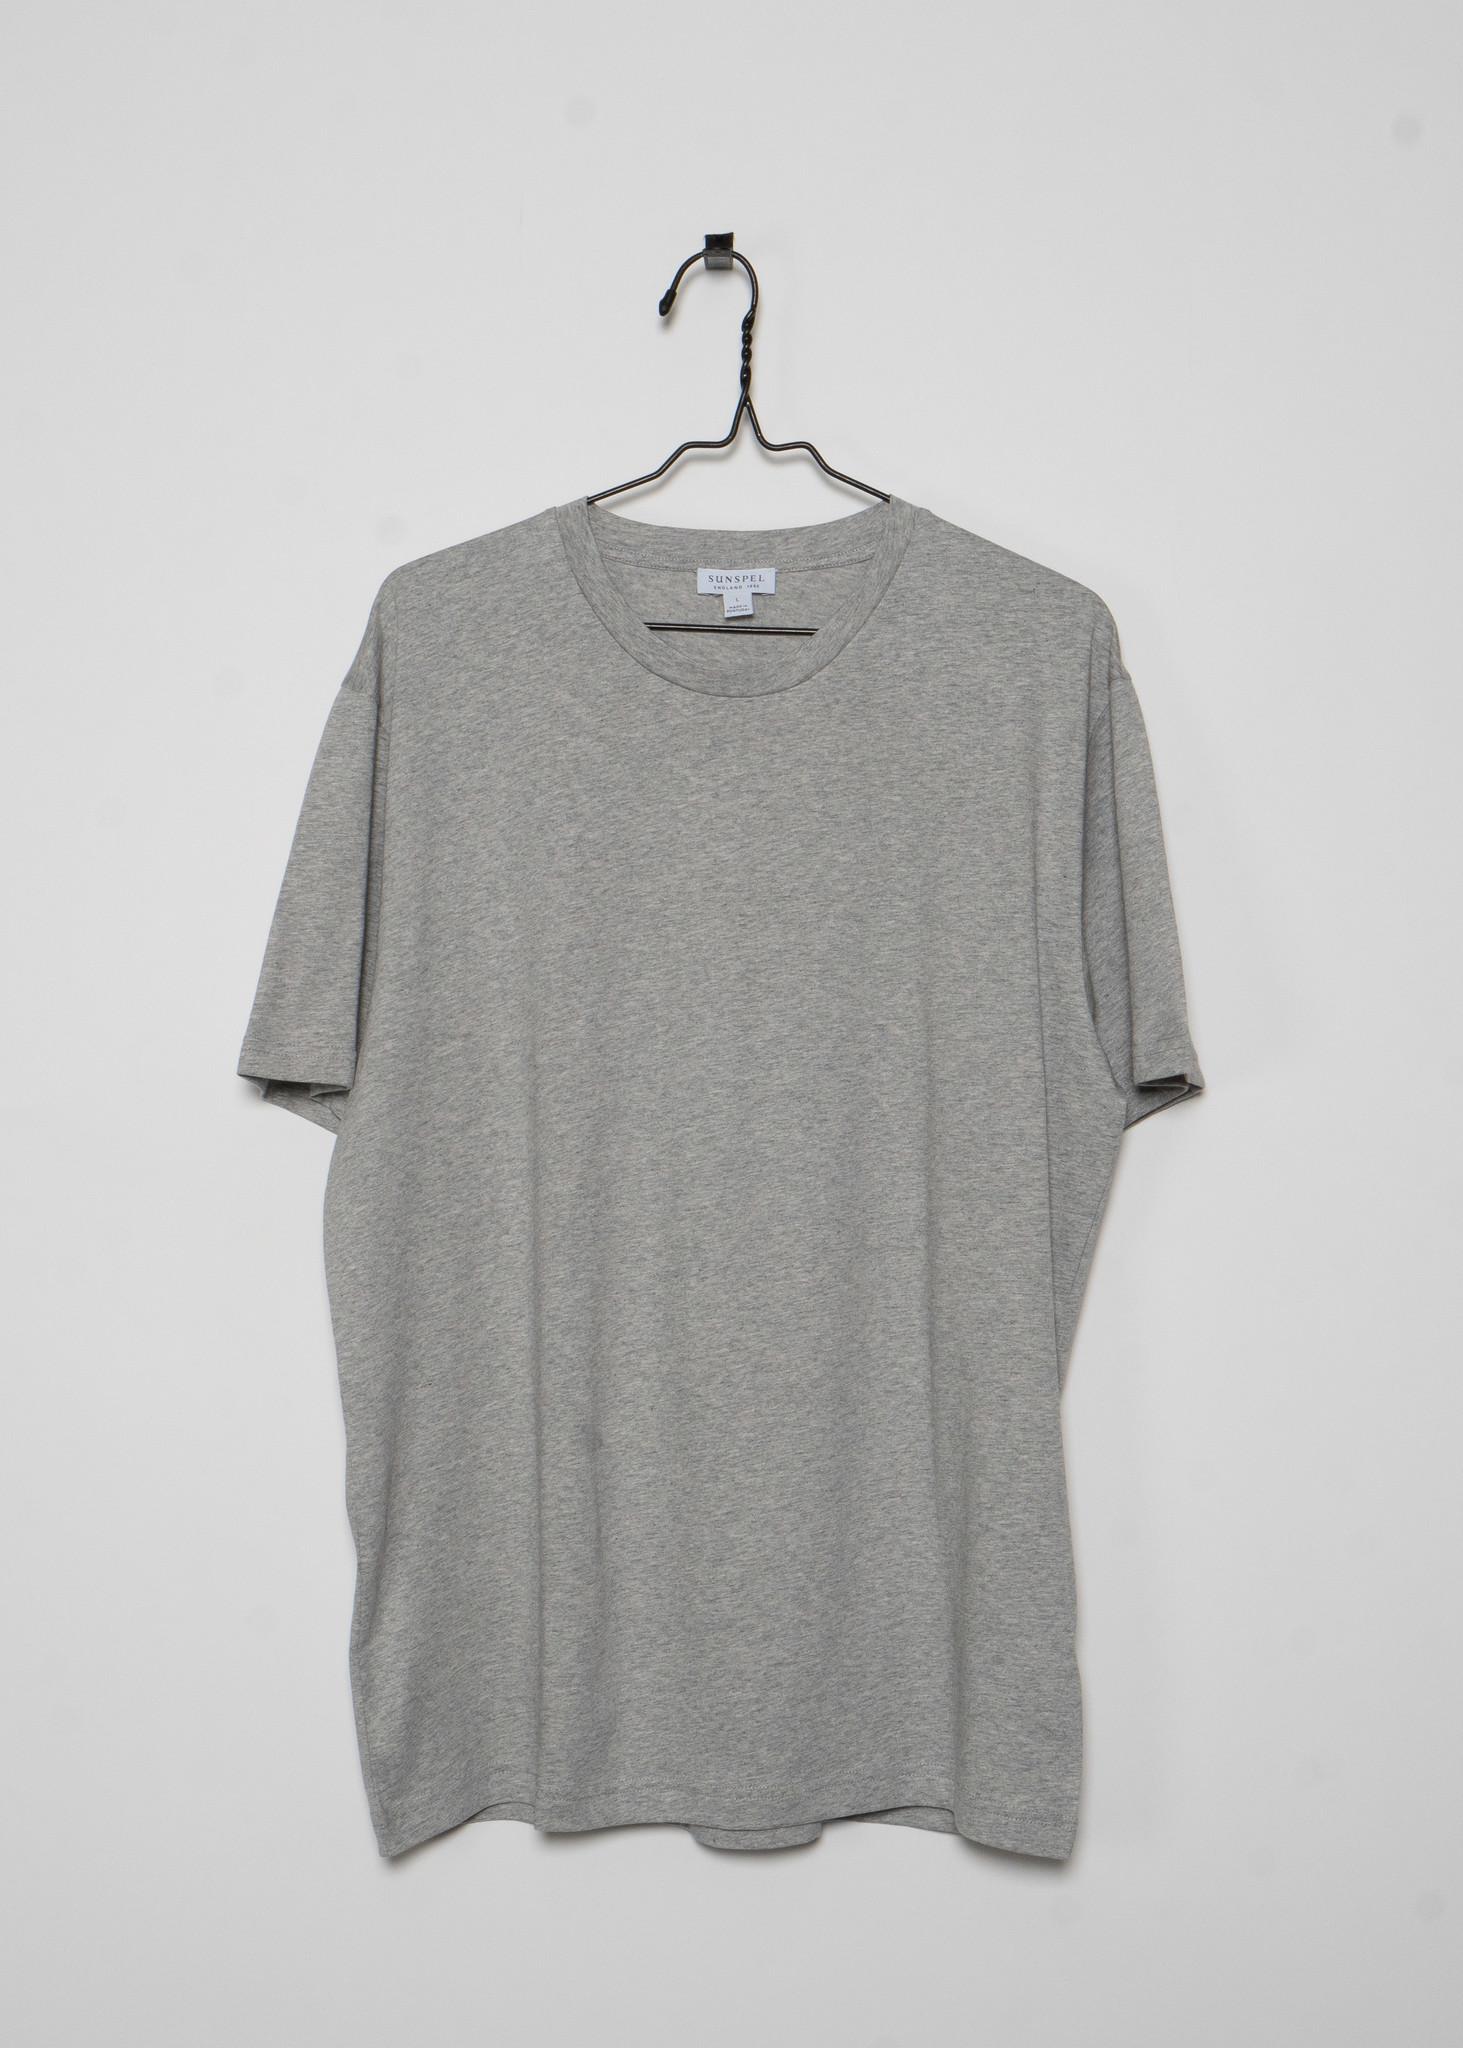 Grey Crewneck T-Shirt